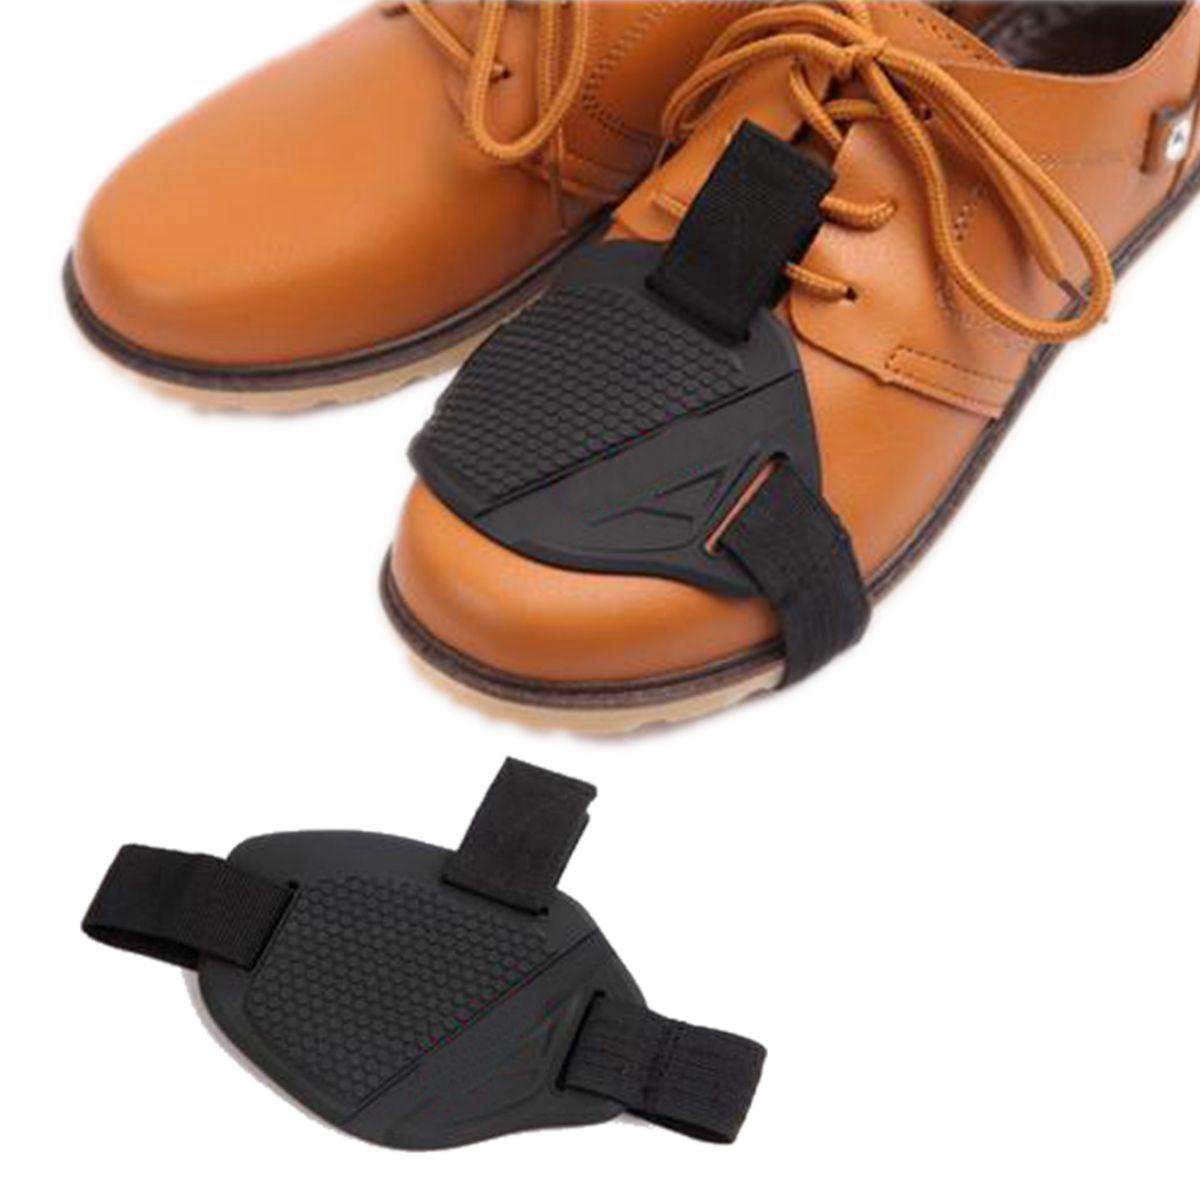 Черный мотоцикл Обтягивающая крышка носка обуви Защитник обуви Защитник рычага переключения передач